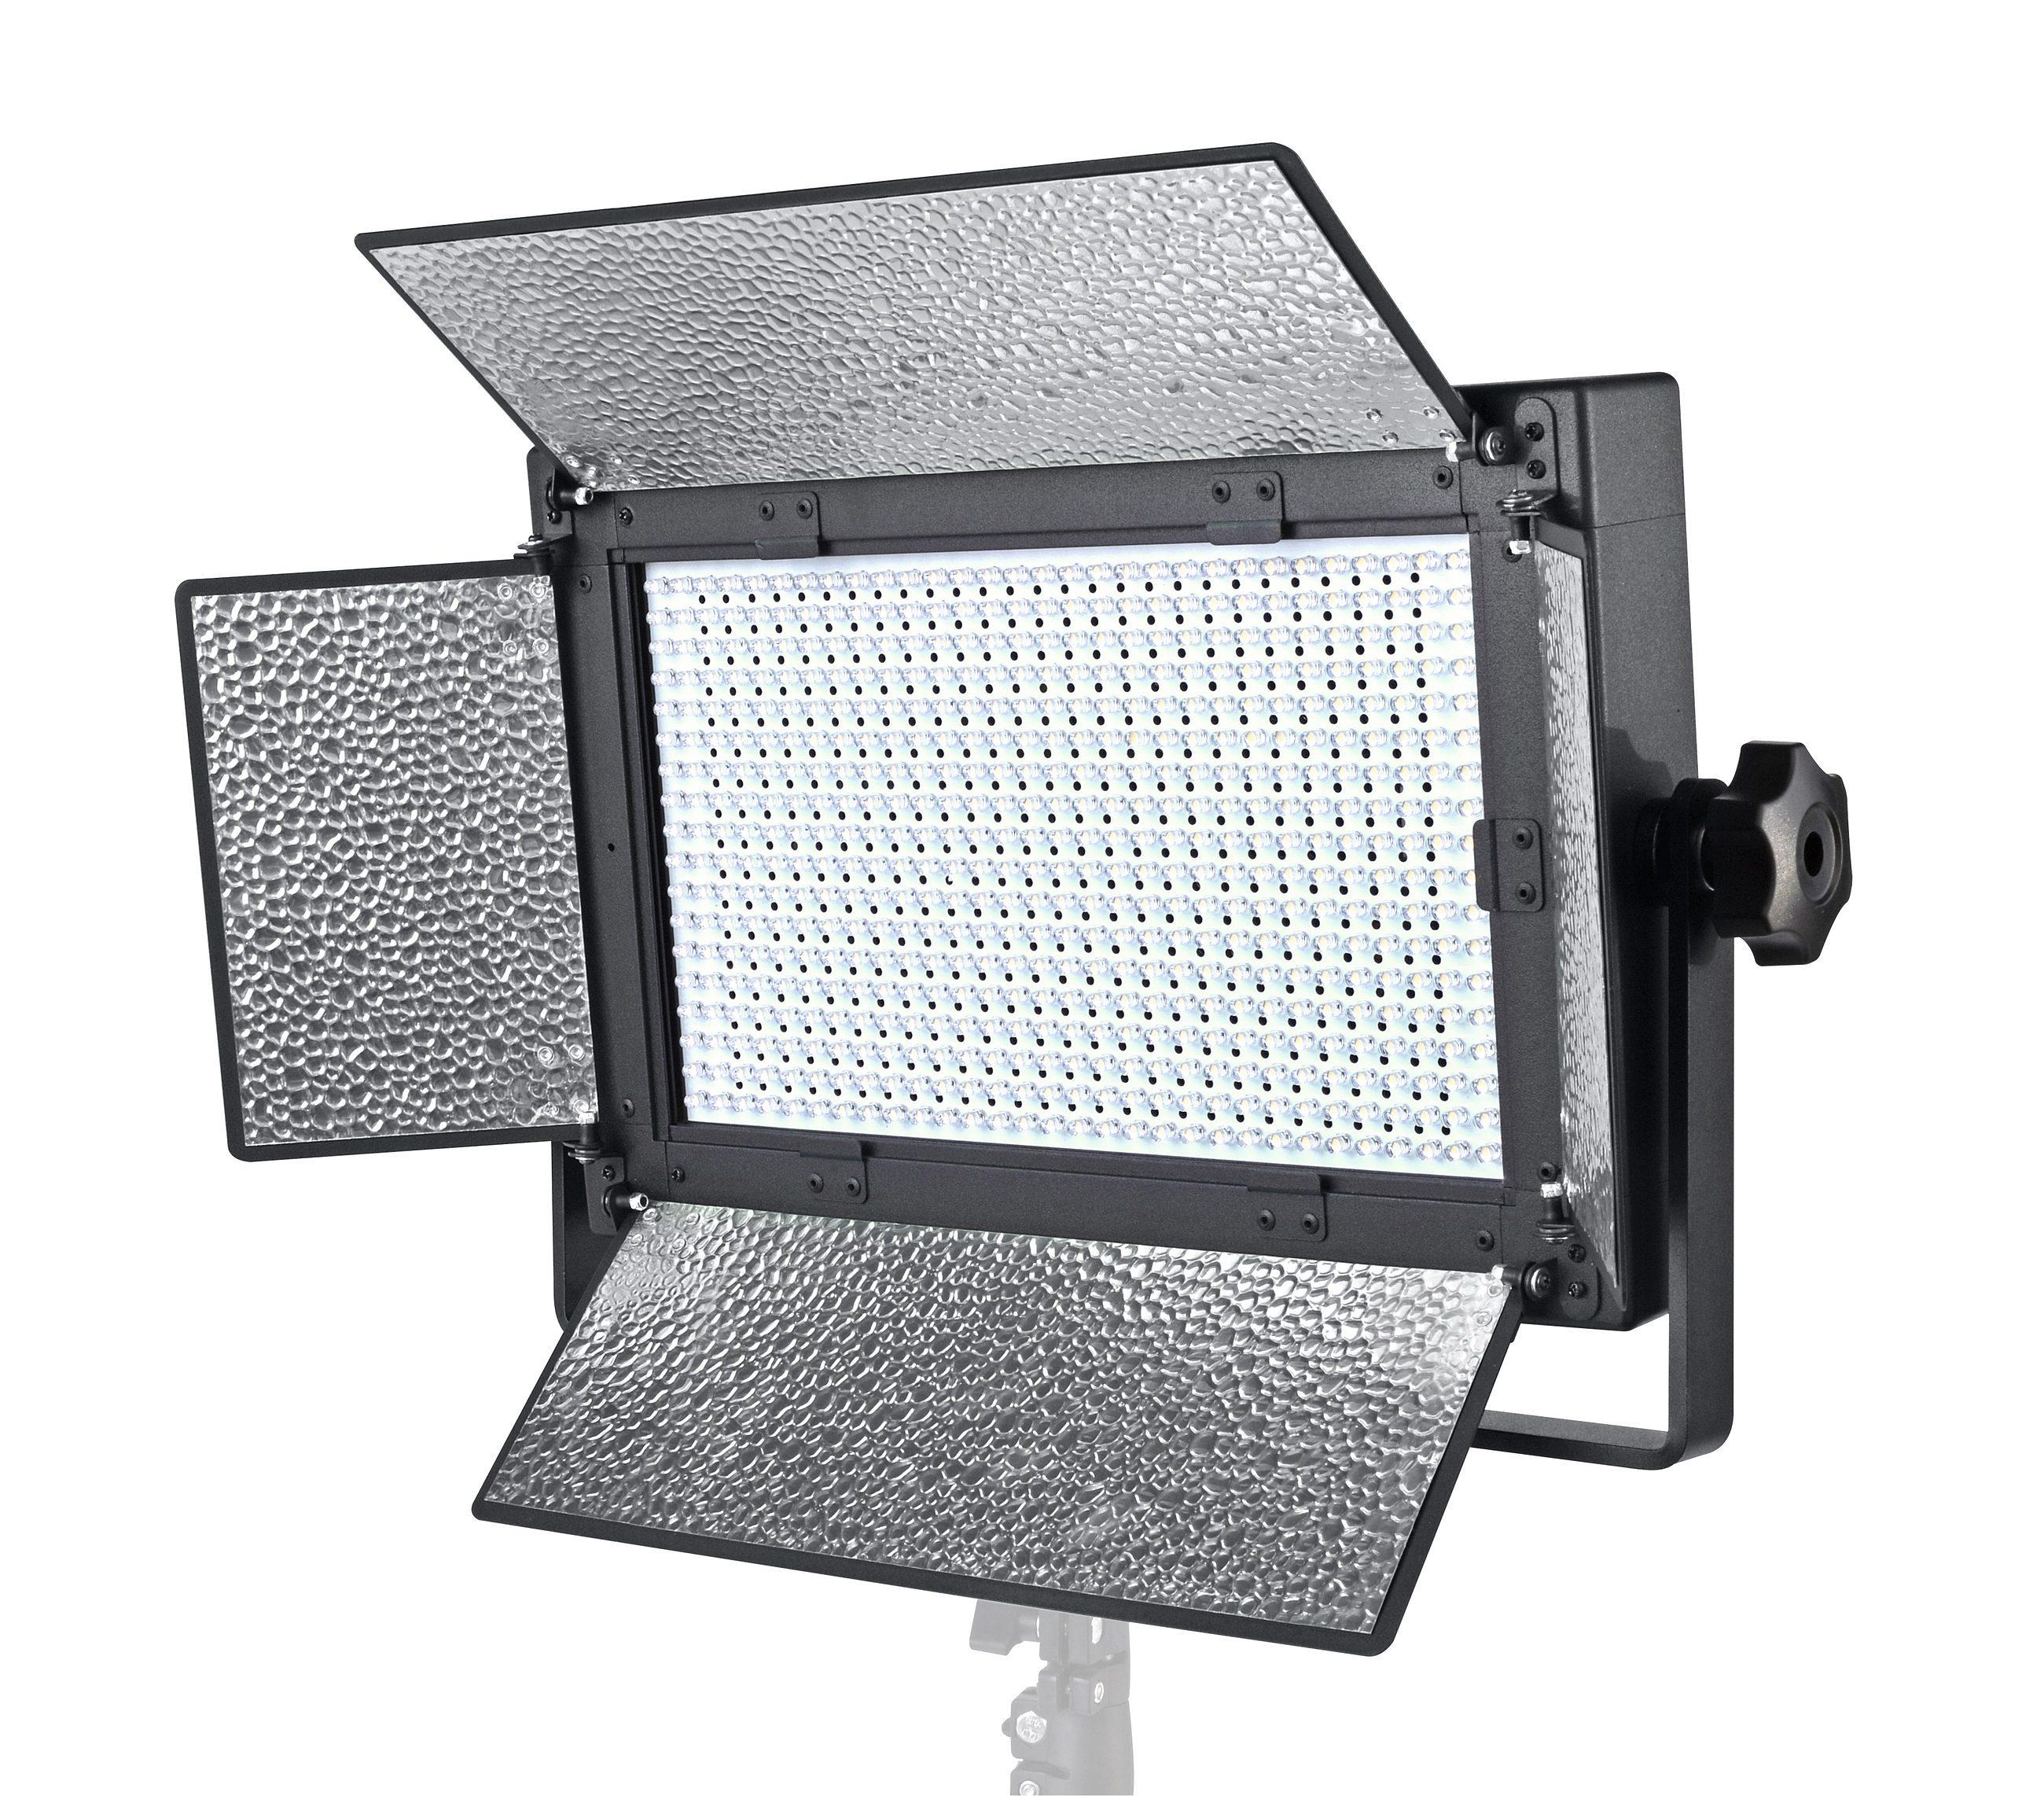 BRESSER Fotostudio »BRESSER LG-500 LED Flächenleuchte 30W/4.600LUX«